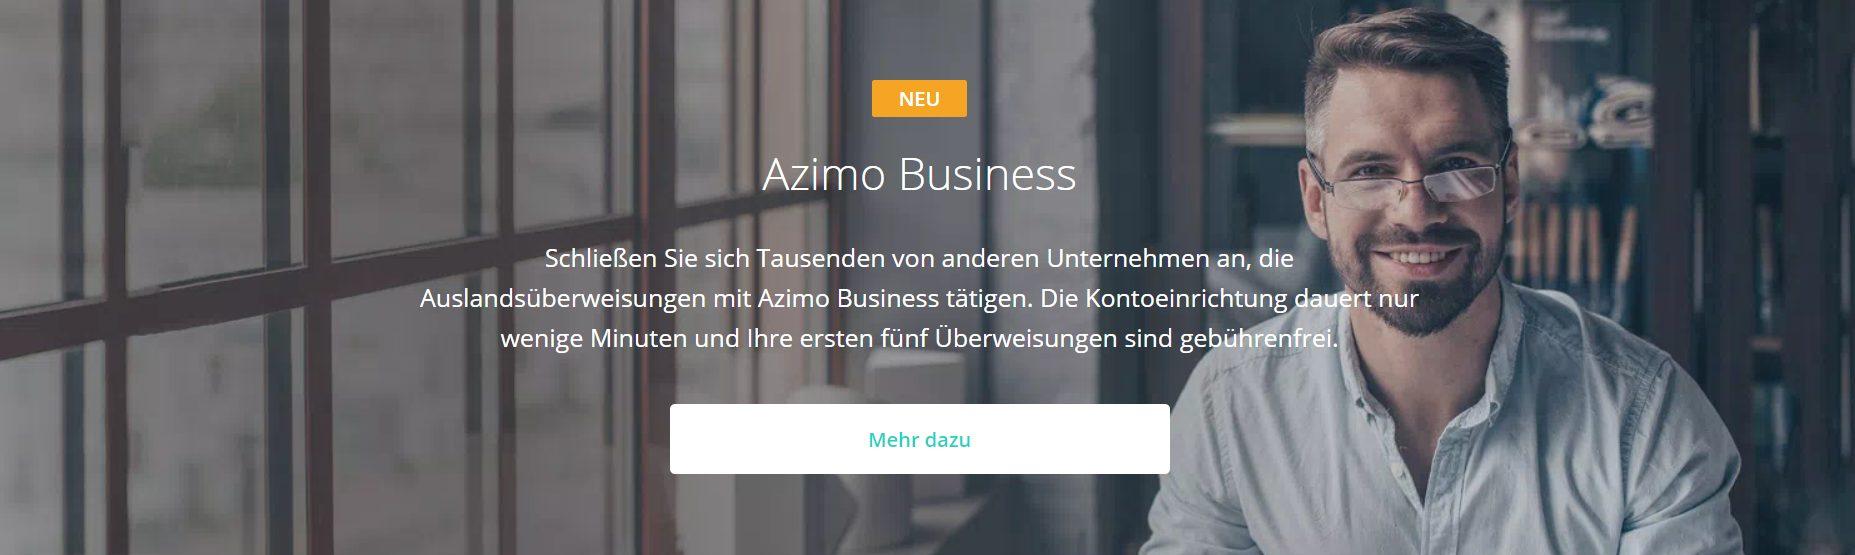 Azimo bietet auch für Unternehmen Lösungen an